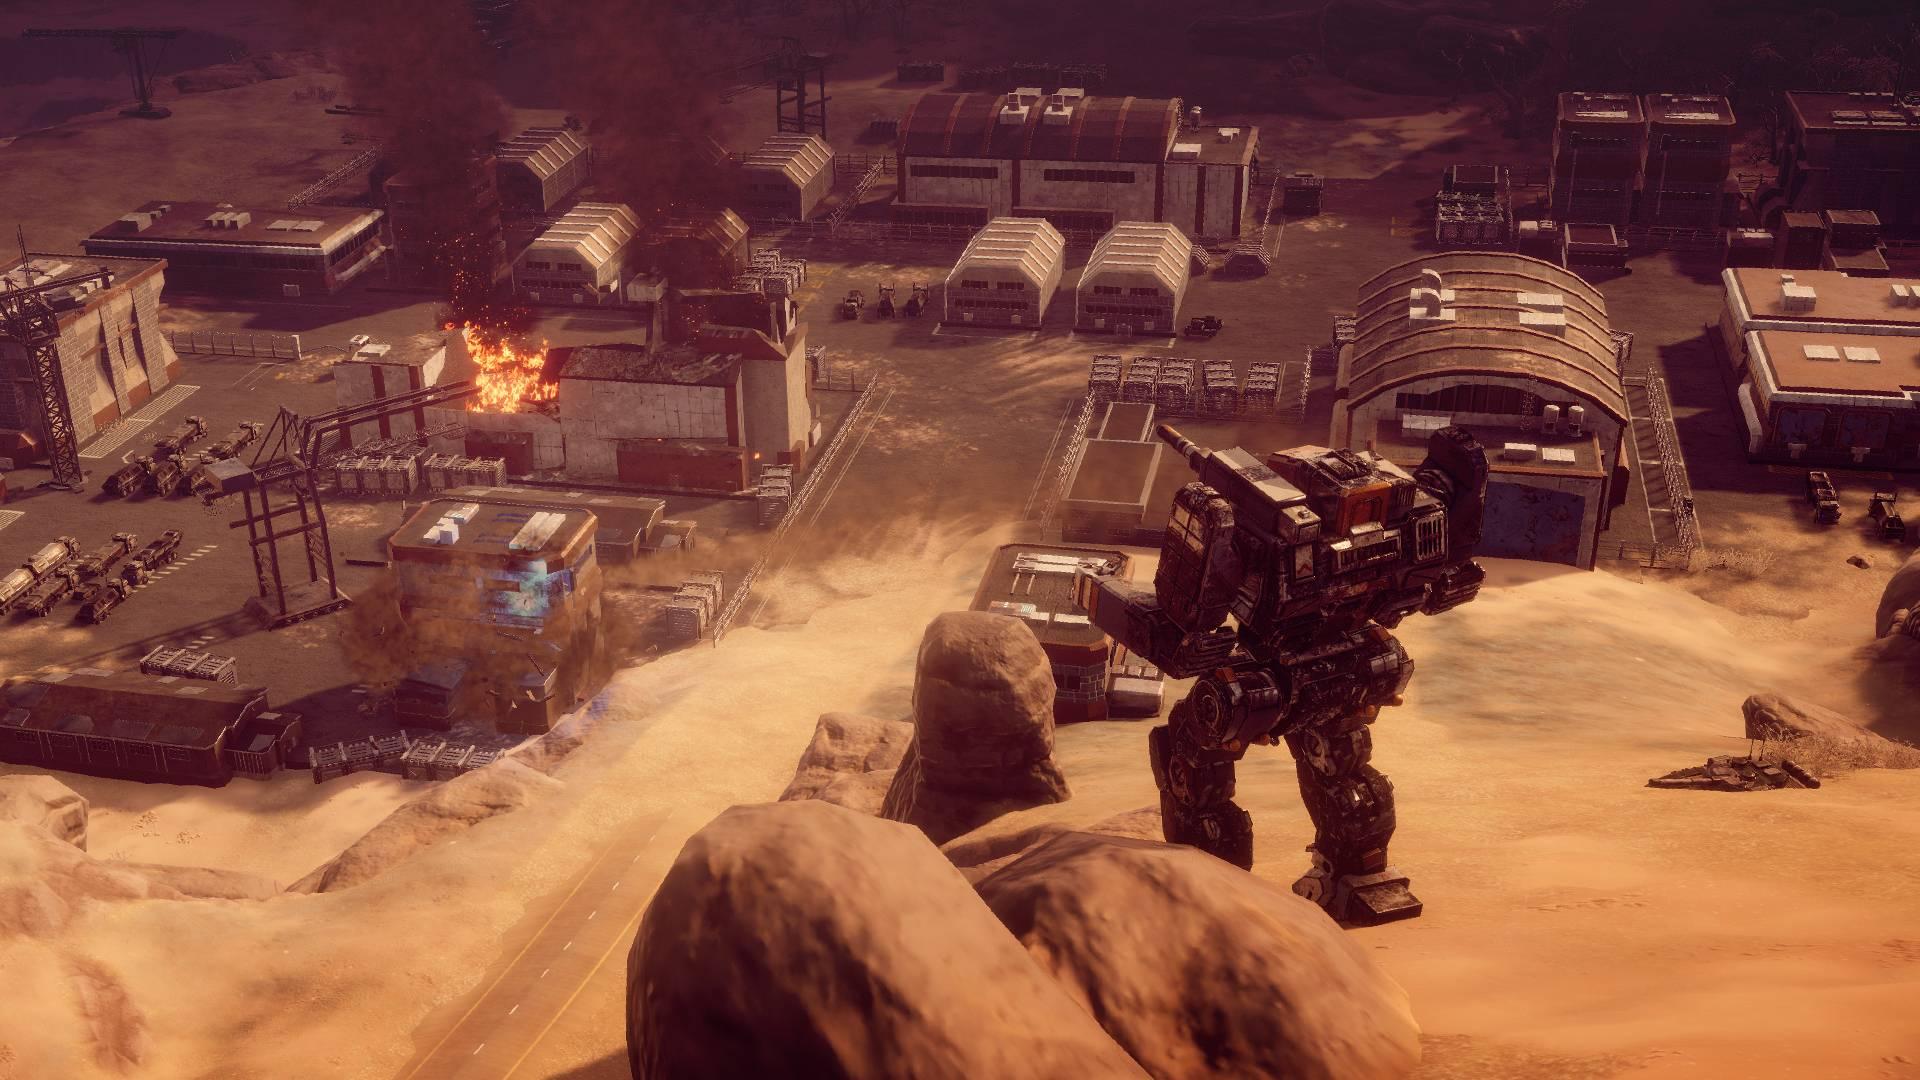 Стратегия BattleTech от создателей видеоигр Shadowrun выйдет в апреле